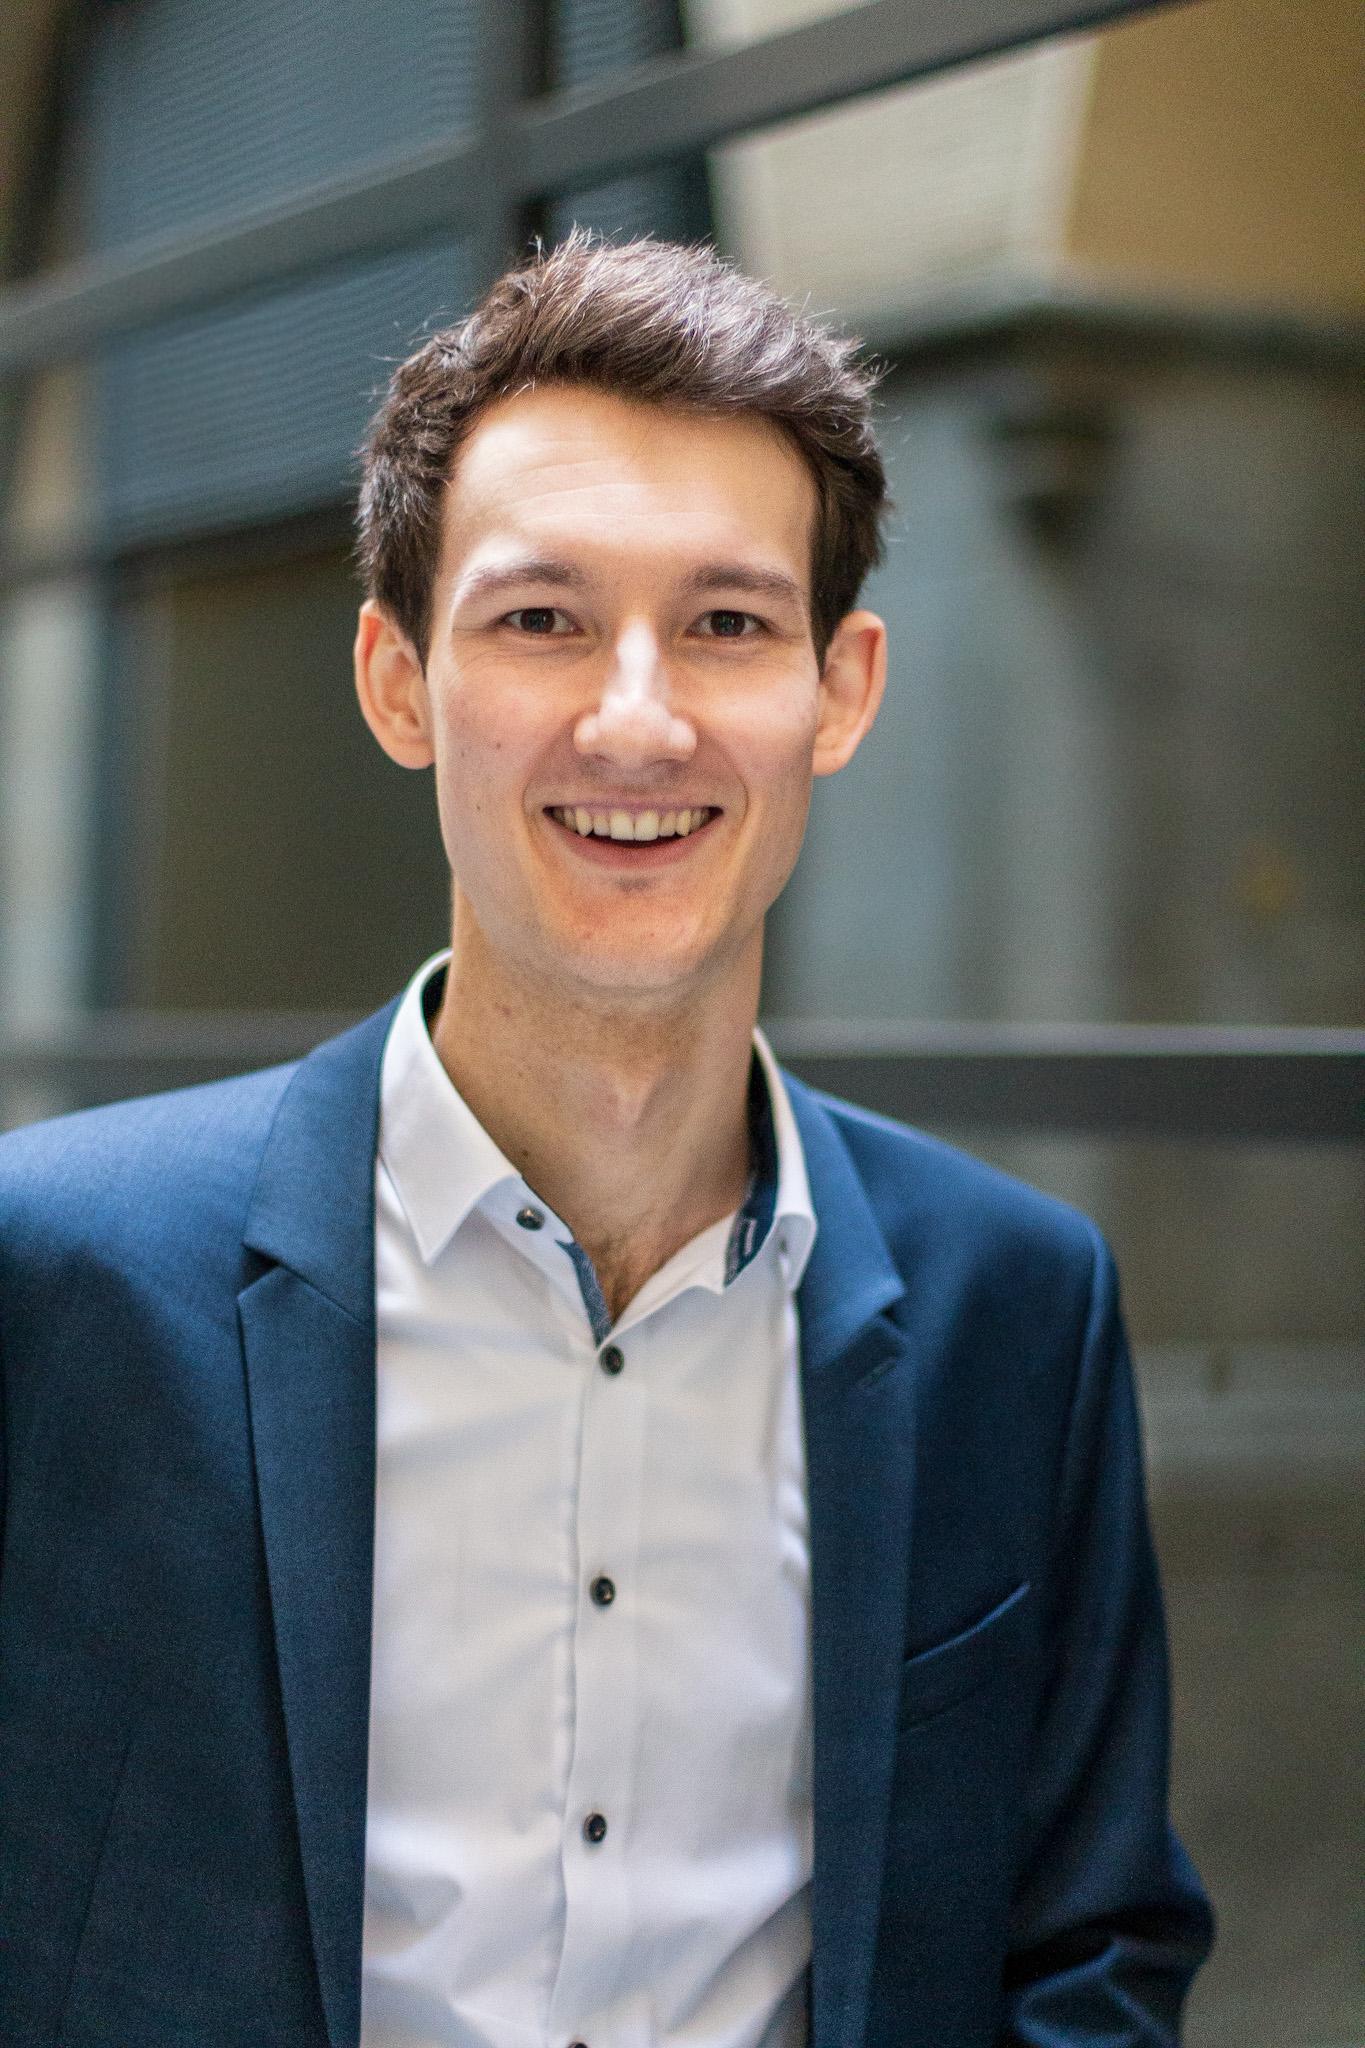 Kontakt Florian Eib: Der Sportreporter in Sack und weißem Hemd blickt lächelnd in die Kamera, Foto: Tomke Koop.